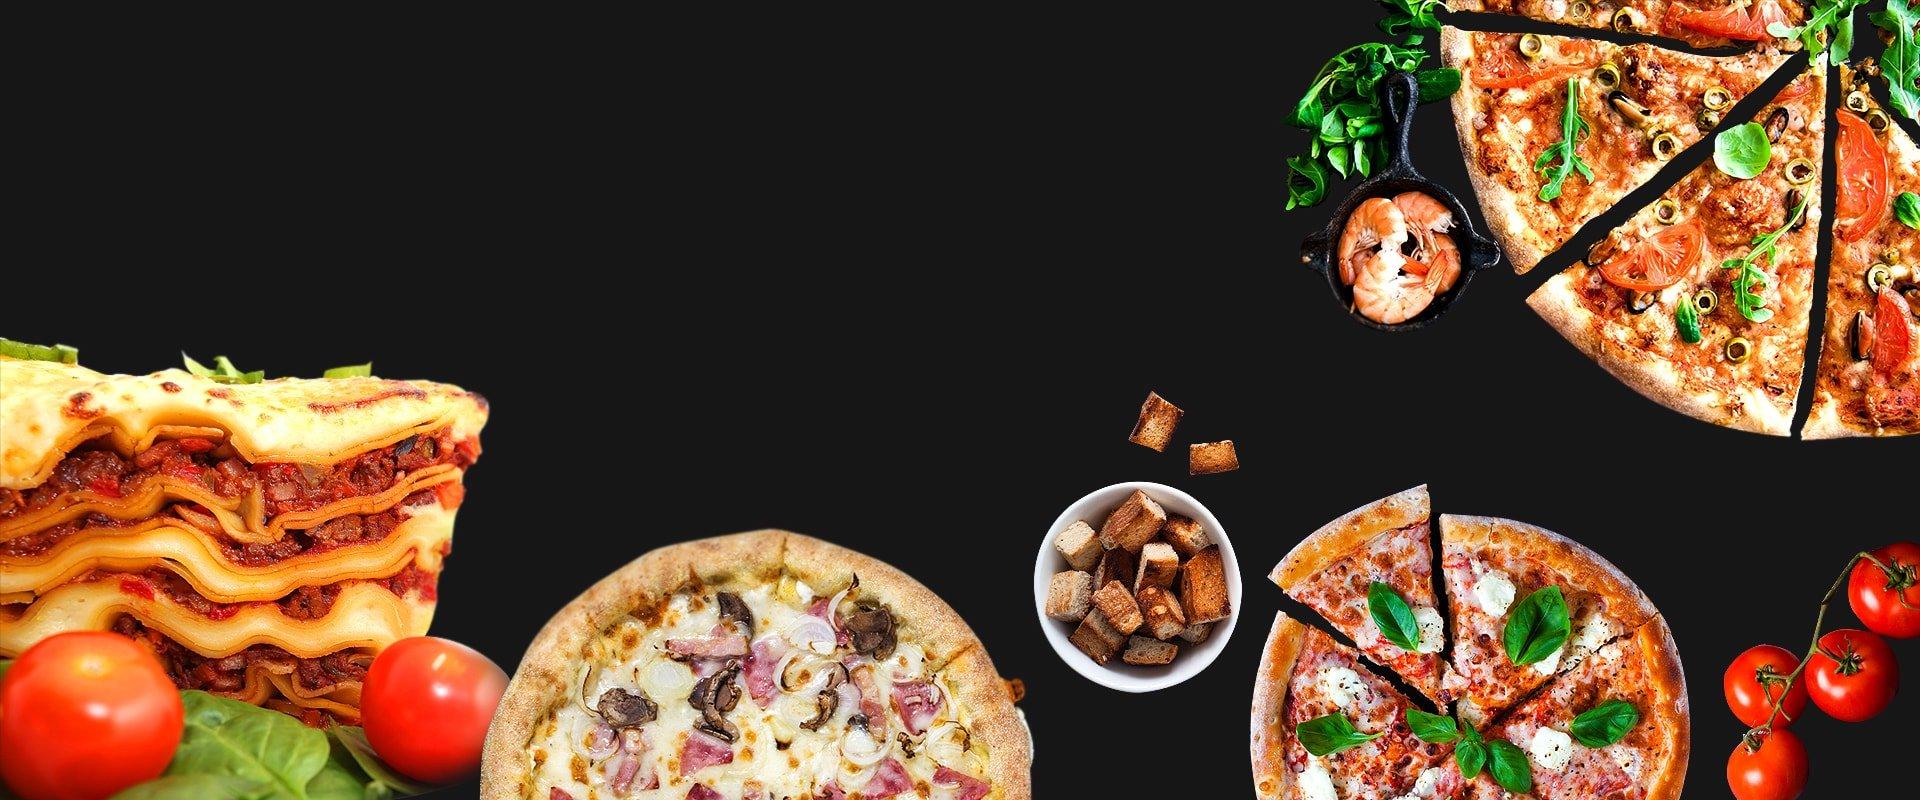 Italian Pizza by A Tavola